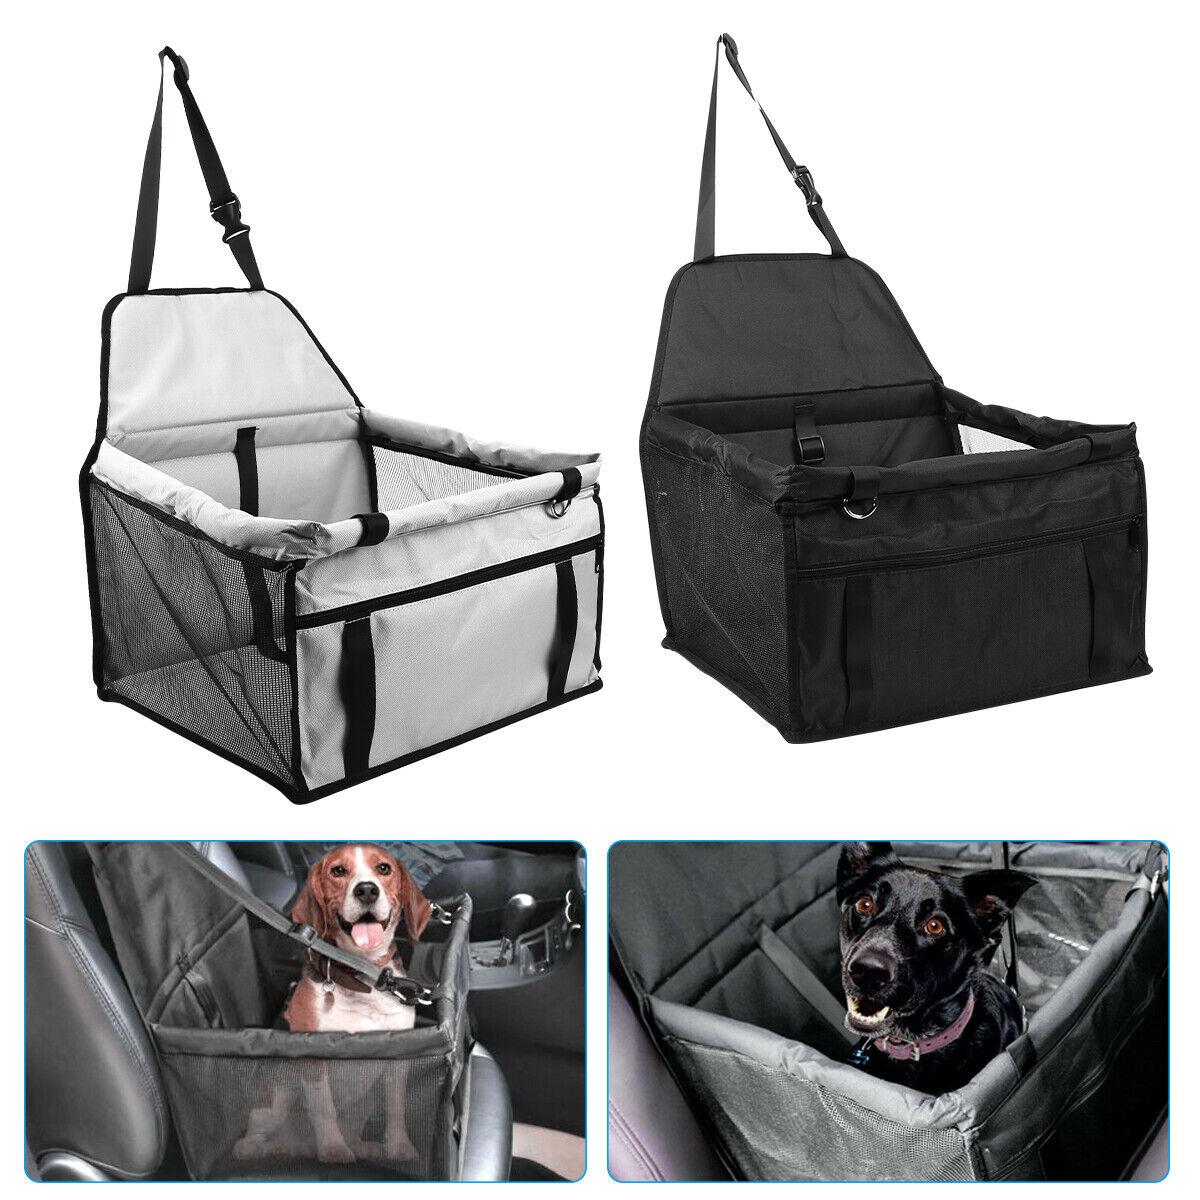 Large Soft Pet Dog Car Seat Bed Foldable Carrier Basket Boos